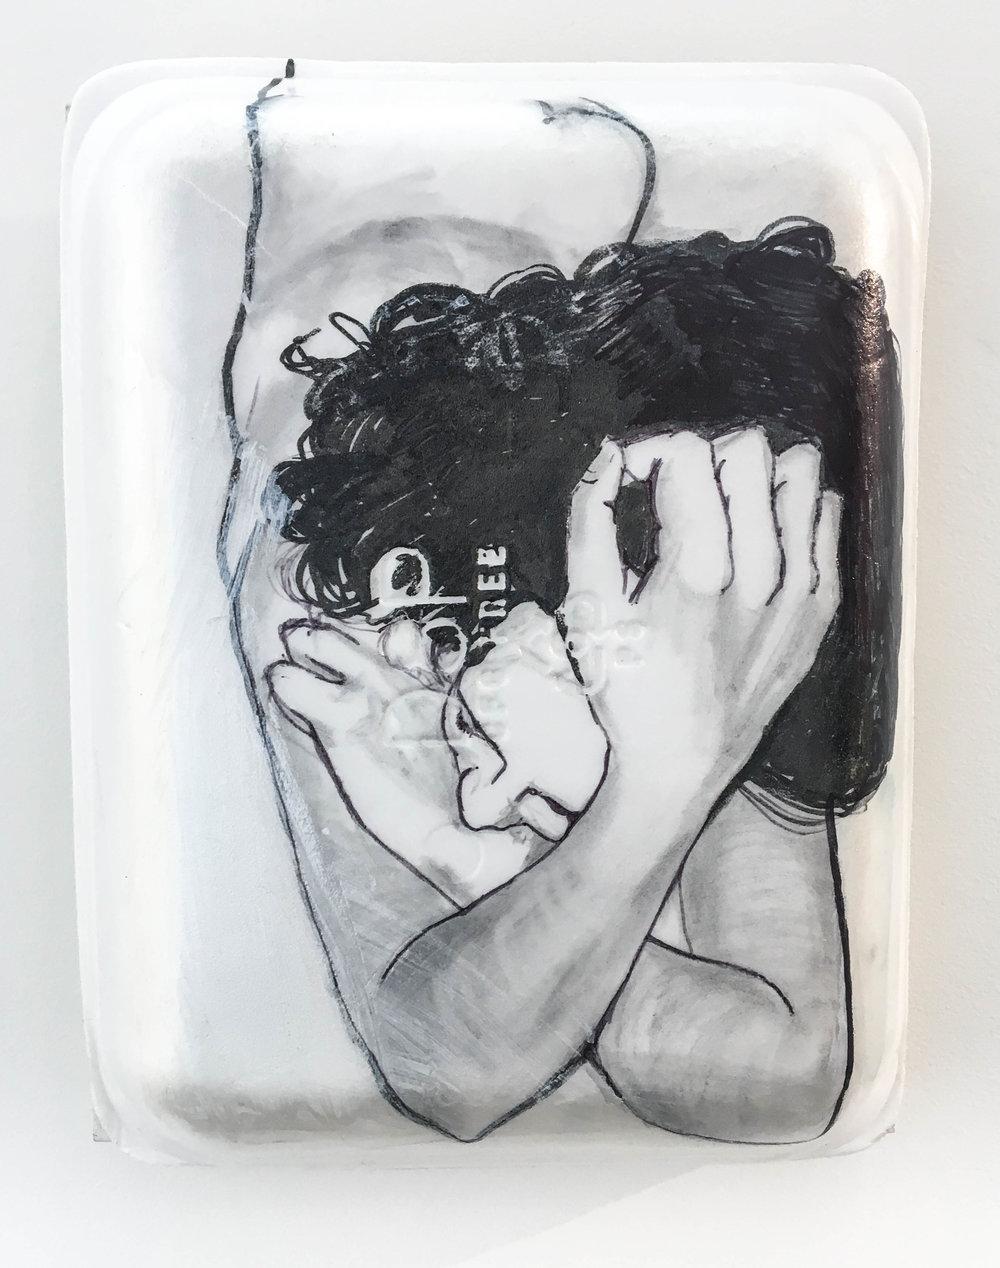 <b>Julianne Wallace Sterling</b><br>Untitled 1<br>10.5 x 8 in.